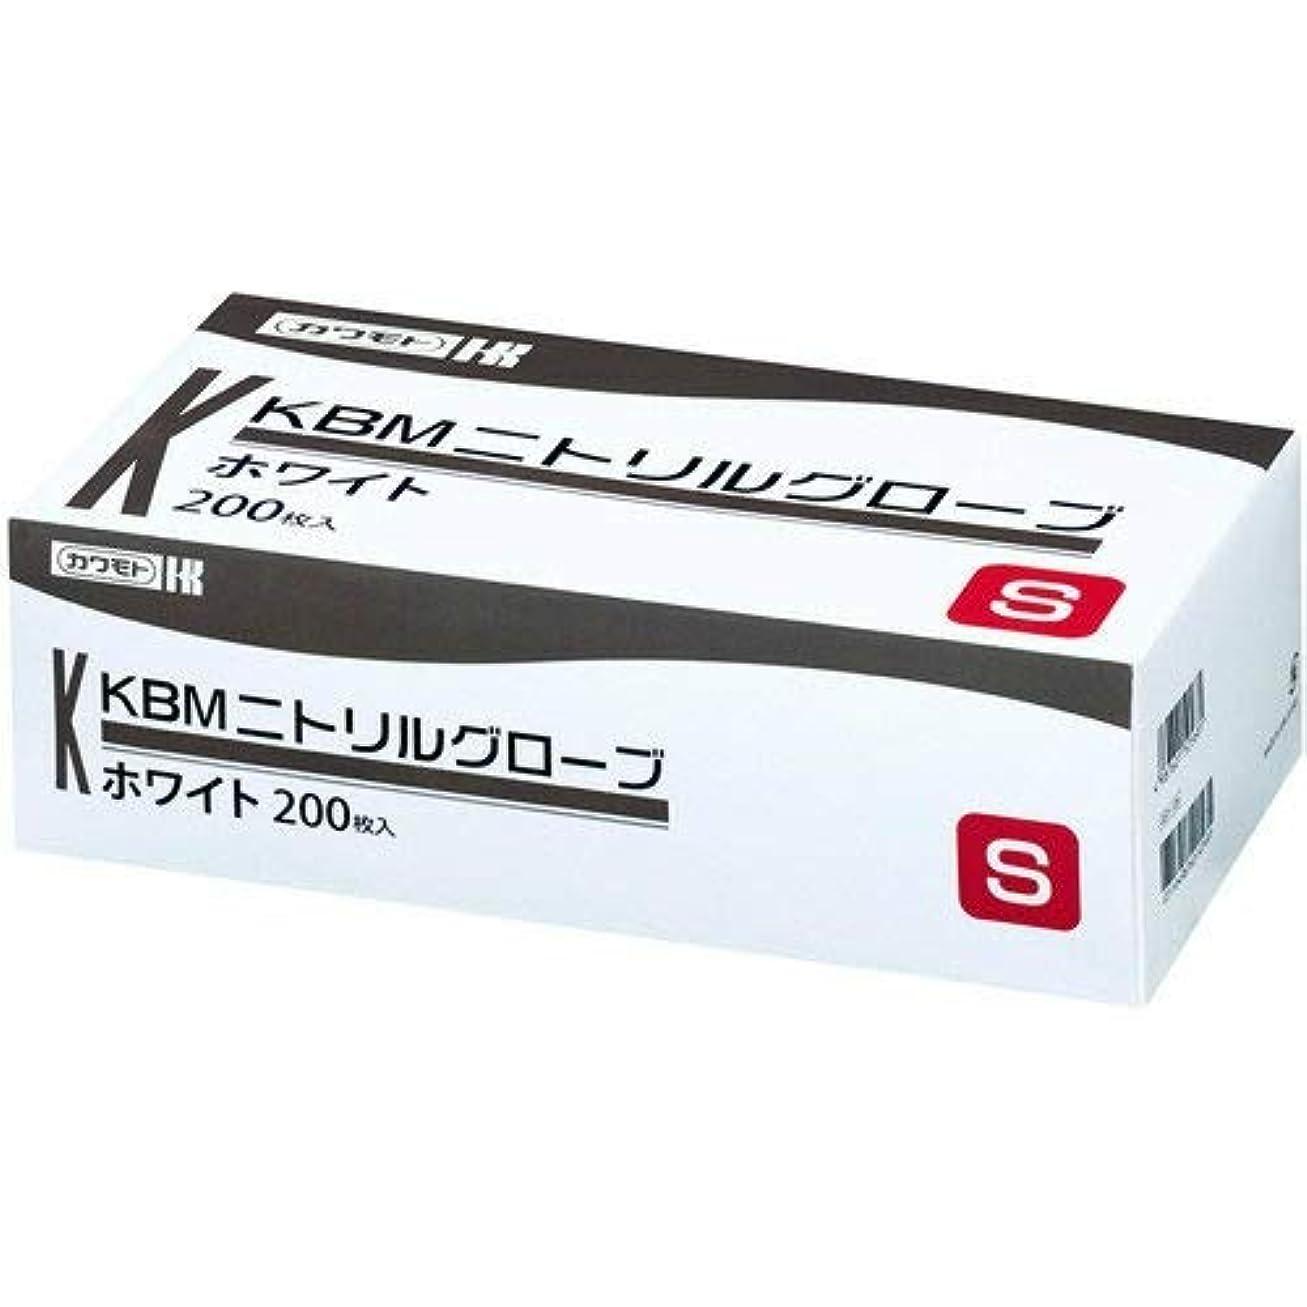 演じる自宅で速い川本産業 カワモト ニトリルグローブ ホワイト S 200枚入